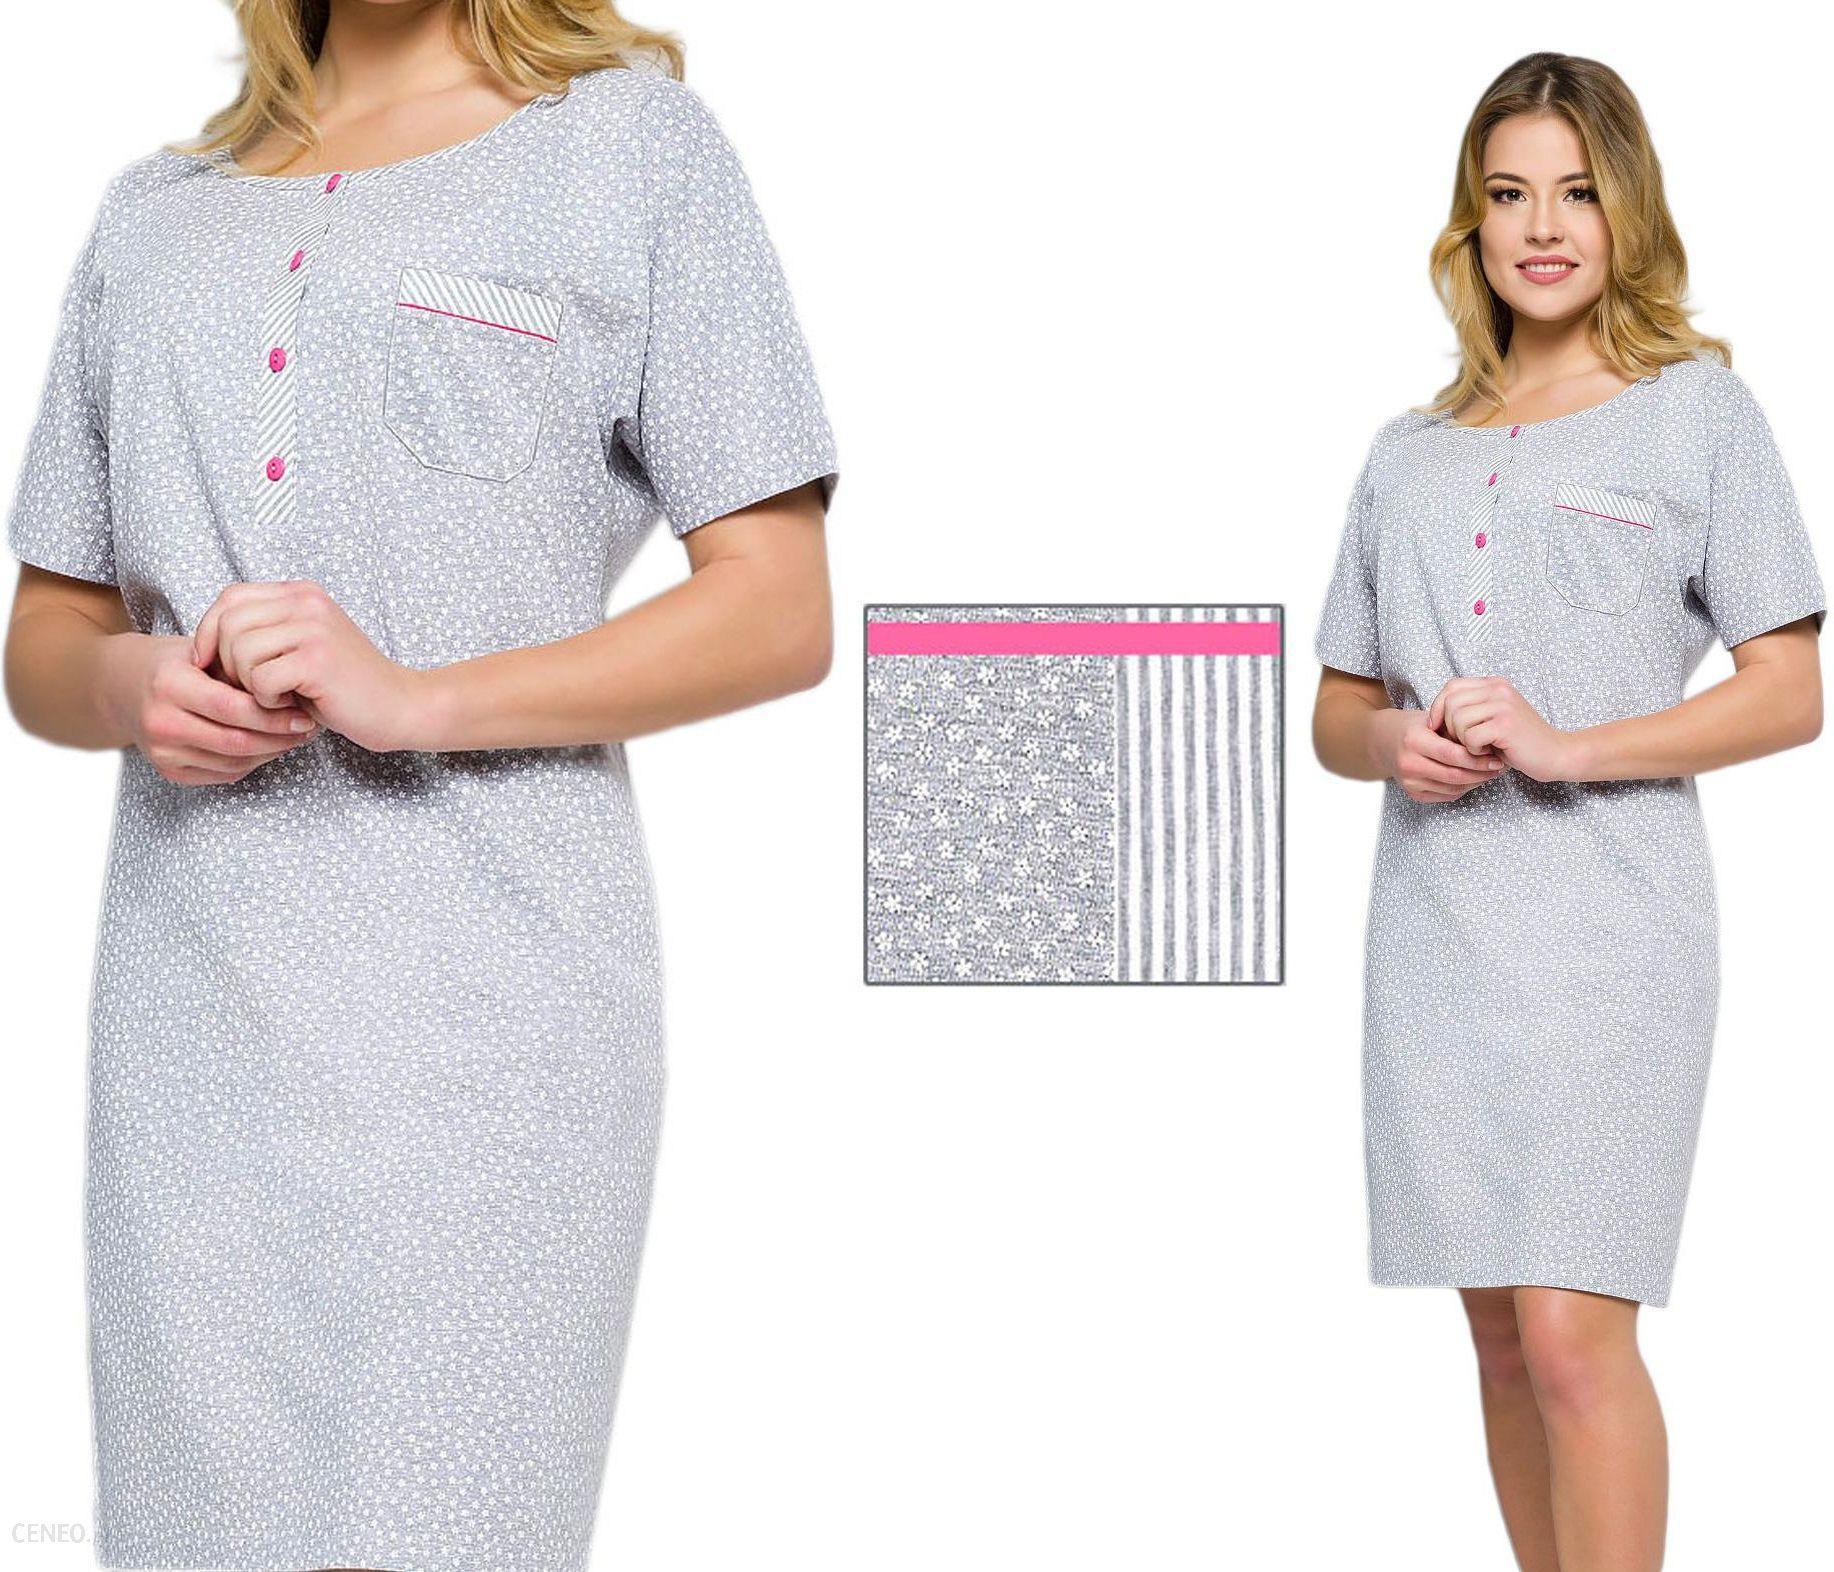 af6c9c5fd58f82 Regina Koszula nocna 315 różowy XL - Ceny i opinie - Ceneo.pl